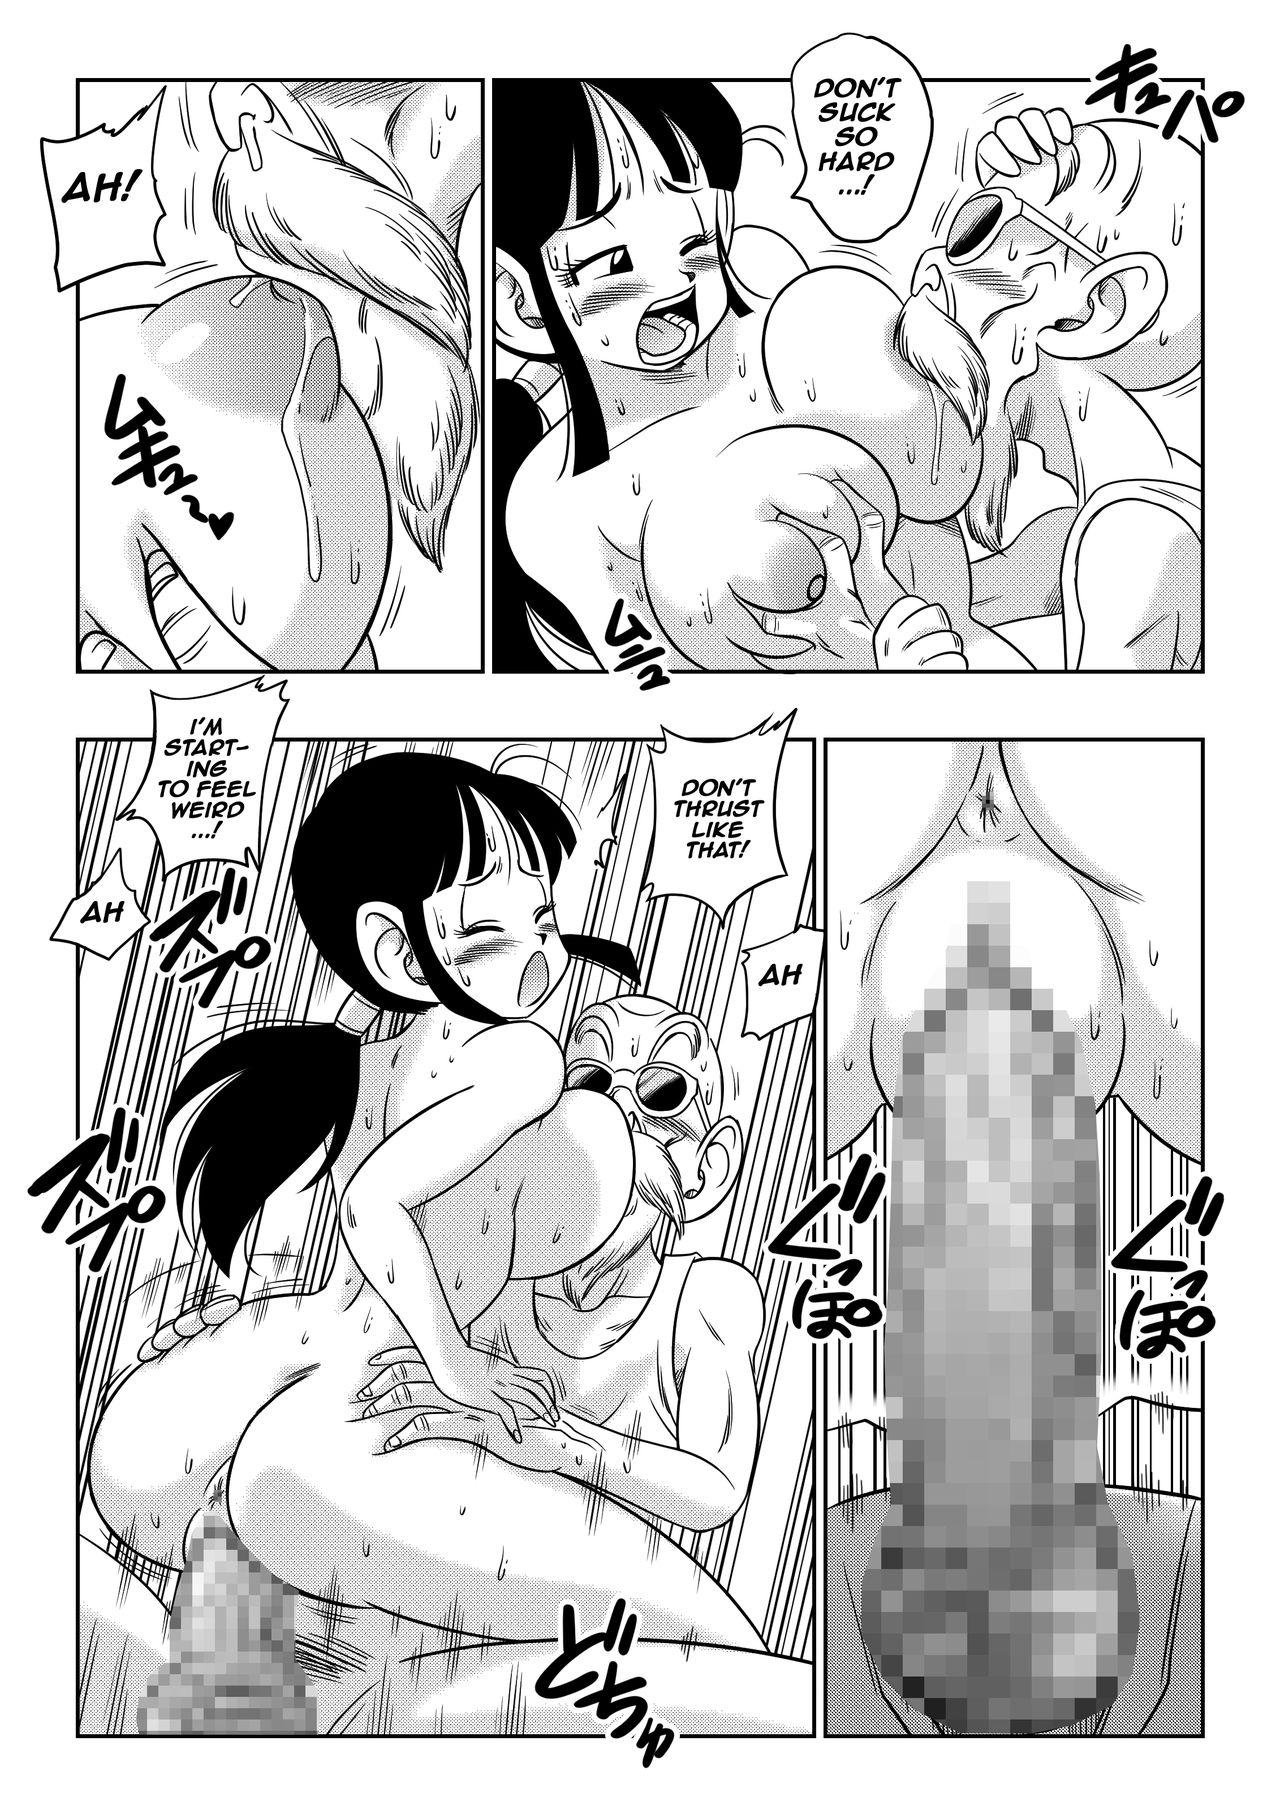 Esposa joven es abusada sexualmente de Yamamoto 14